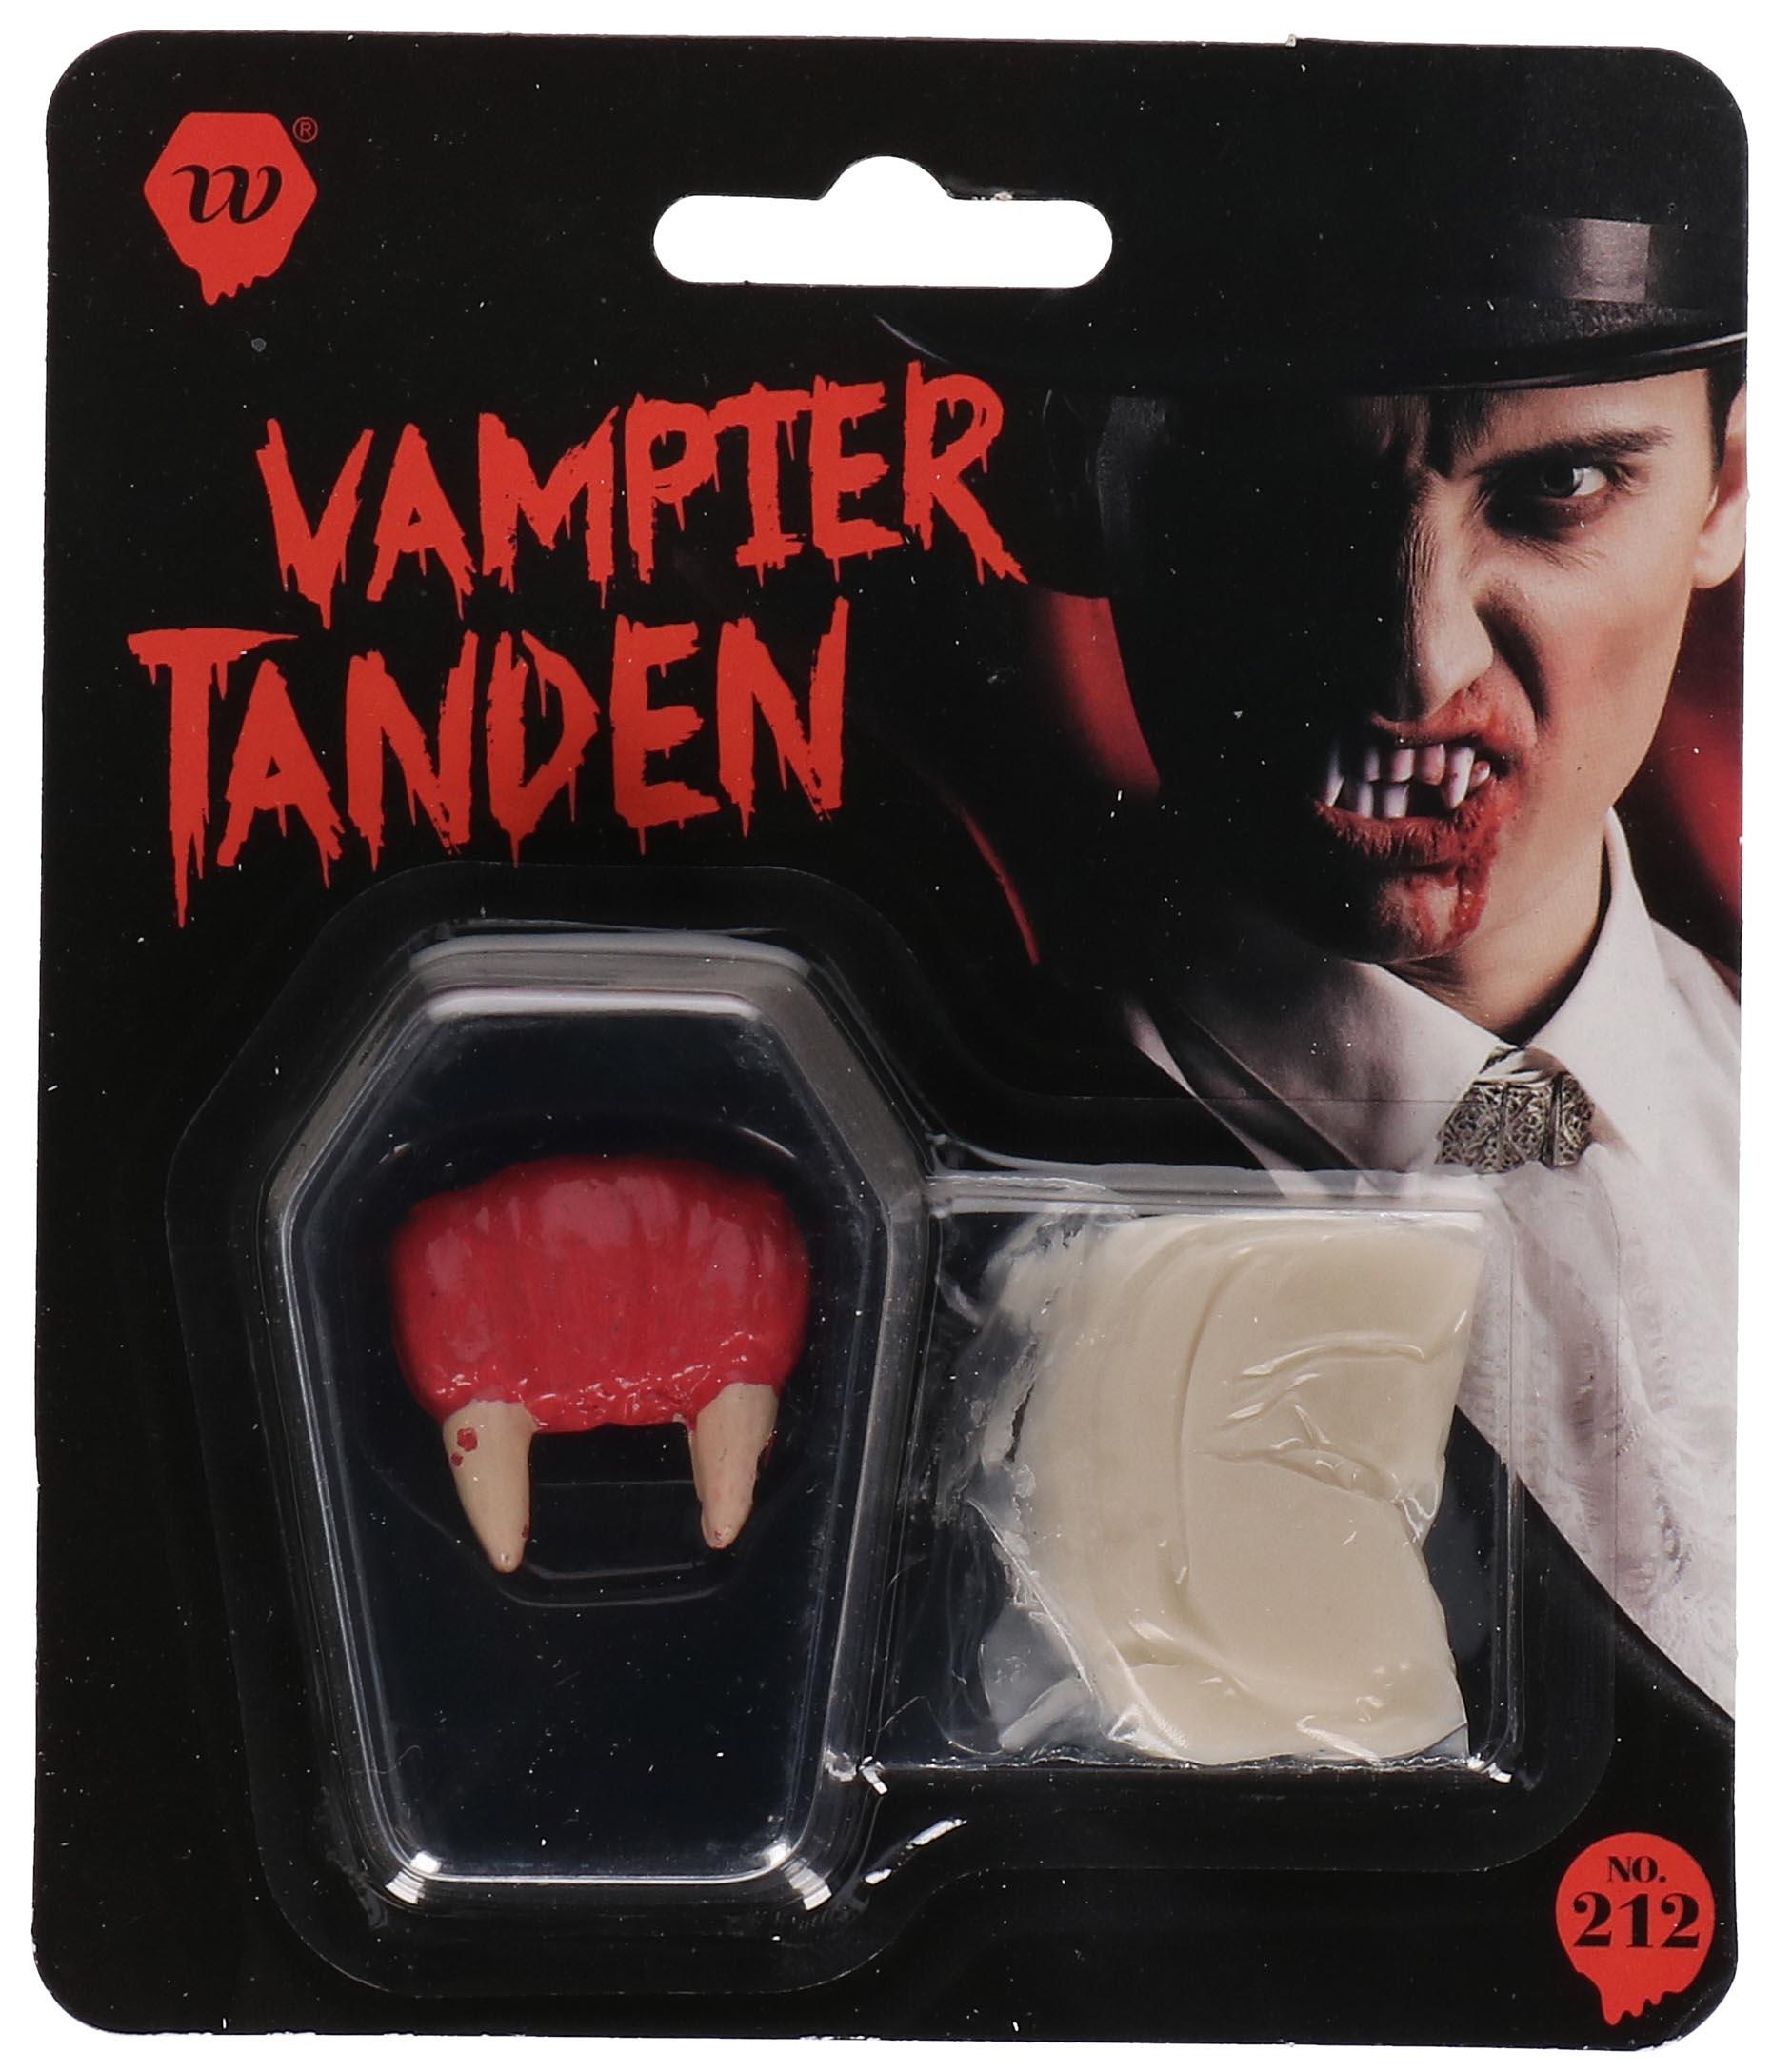 Halloween Vampiertanden No.212